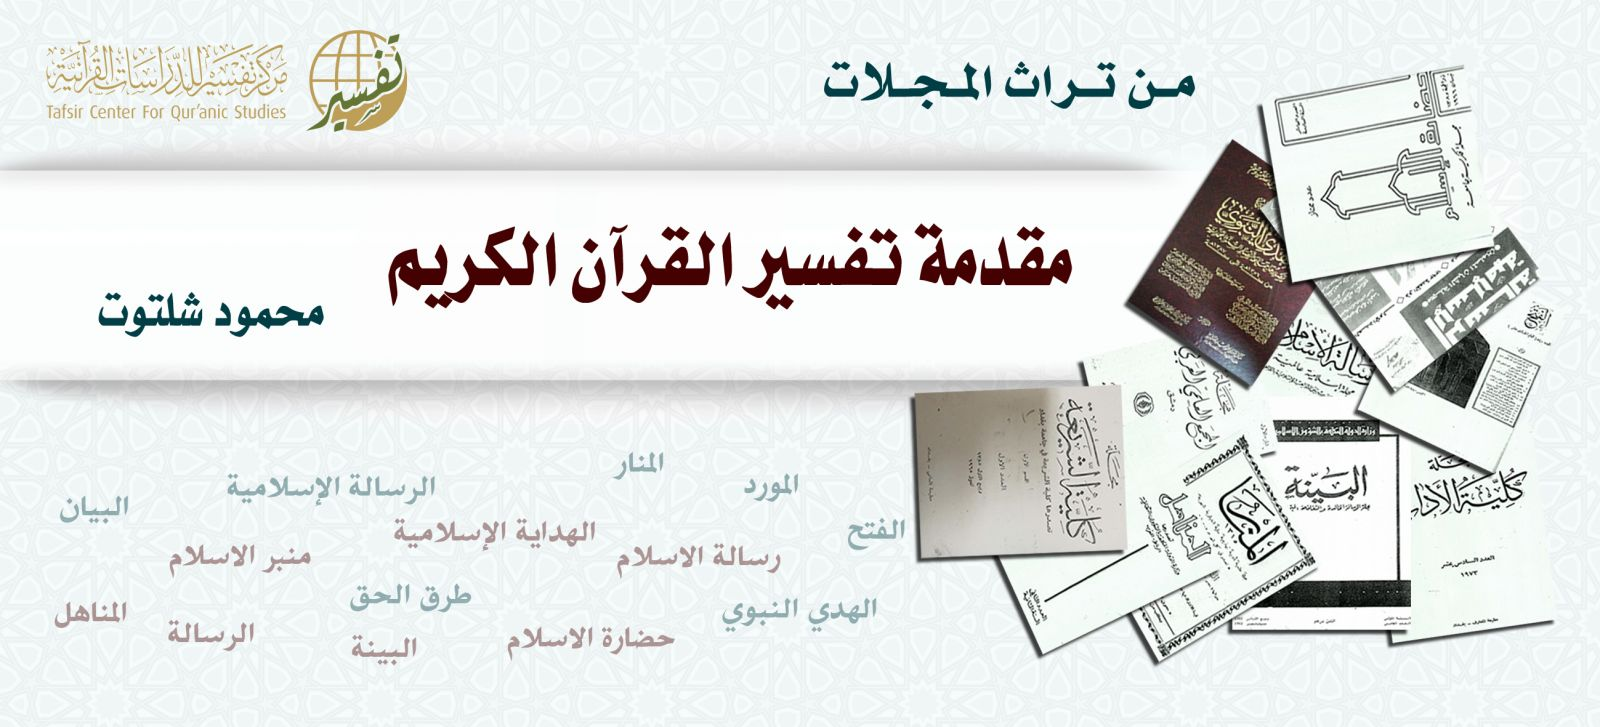 مقدمة تفسير القرآن الكريم